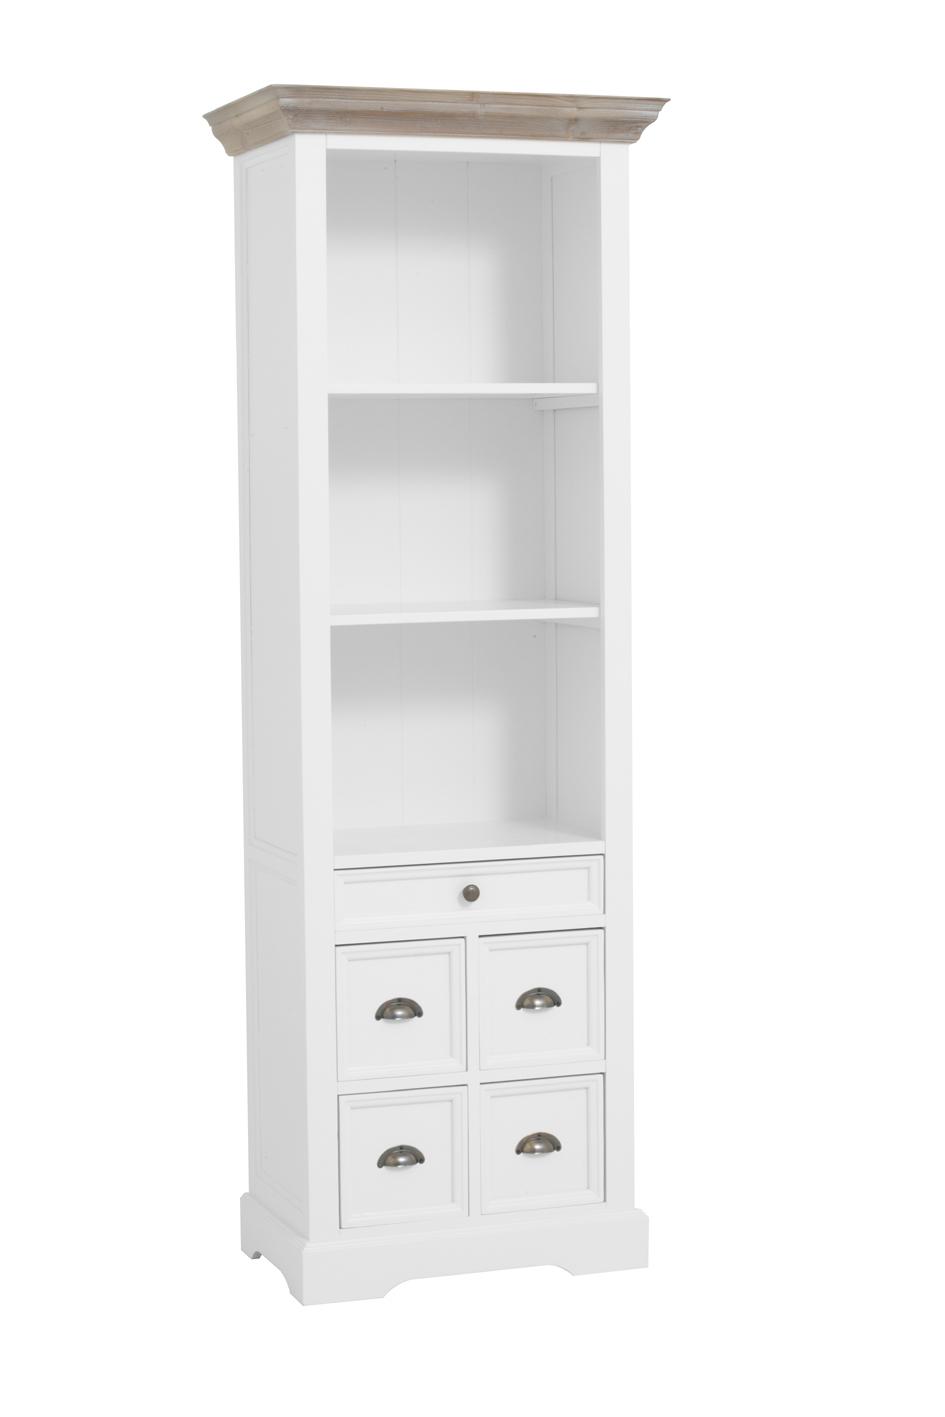 kast-fleur-boekenkast-towerliving-DD0016-66cm-vergrijsd hout-trendy wit-laadjes-komgreep